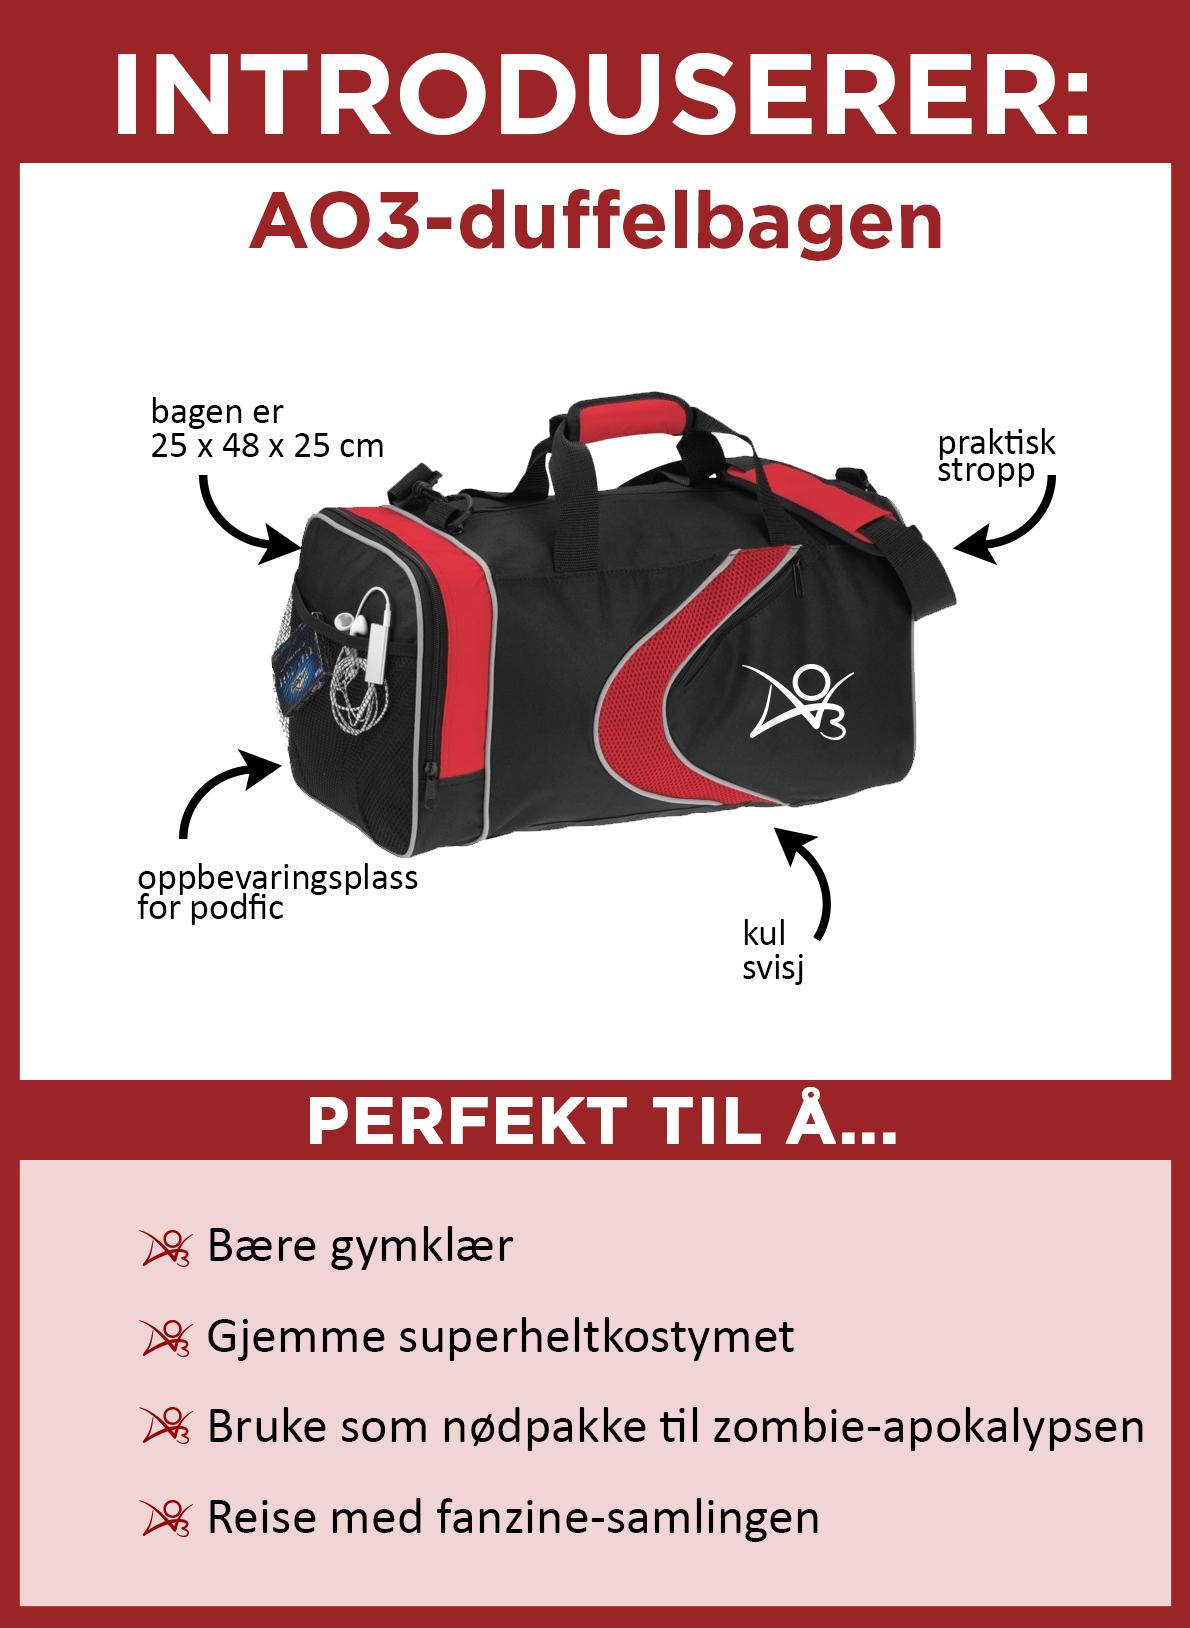 Introduserer AO3-duffelbagen. Bagen er svart med røde aksenter, med en rød svisj og en hvit AO3-logo på siden. Dimensjonene er 25 x 48 x 25 cm. Den har en praktisk skulderstropp og en sidelomme av netting som er ideell for oppbevaring av podfic. Den er perfekt for å bære gymklær, gjemme superheltkostymet, bruke som nødpakke til zombie-apokalypsen, og til å reise med fanzine-samlingen din.